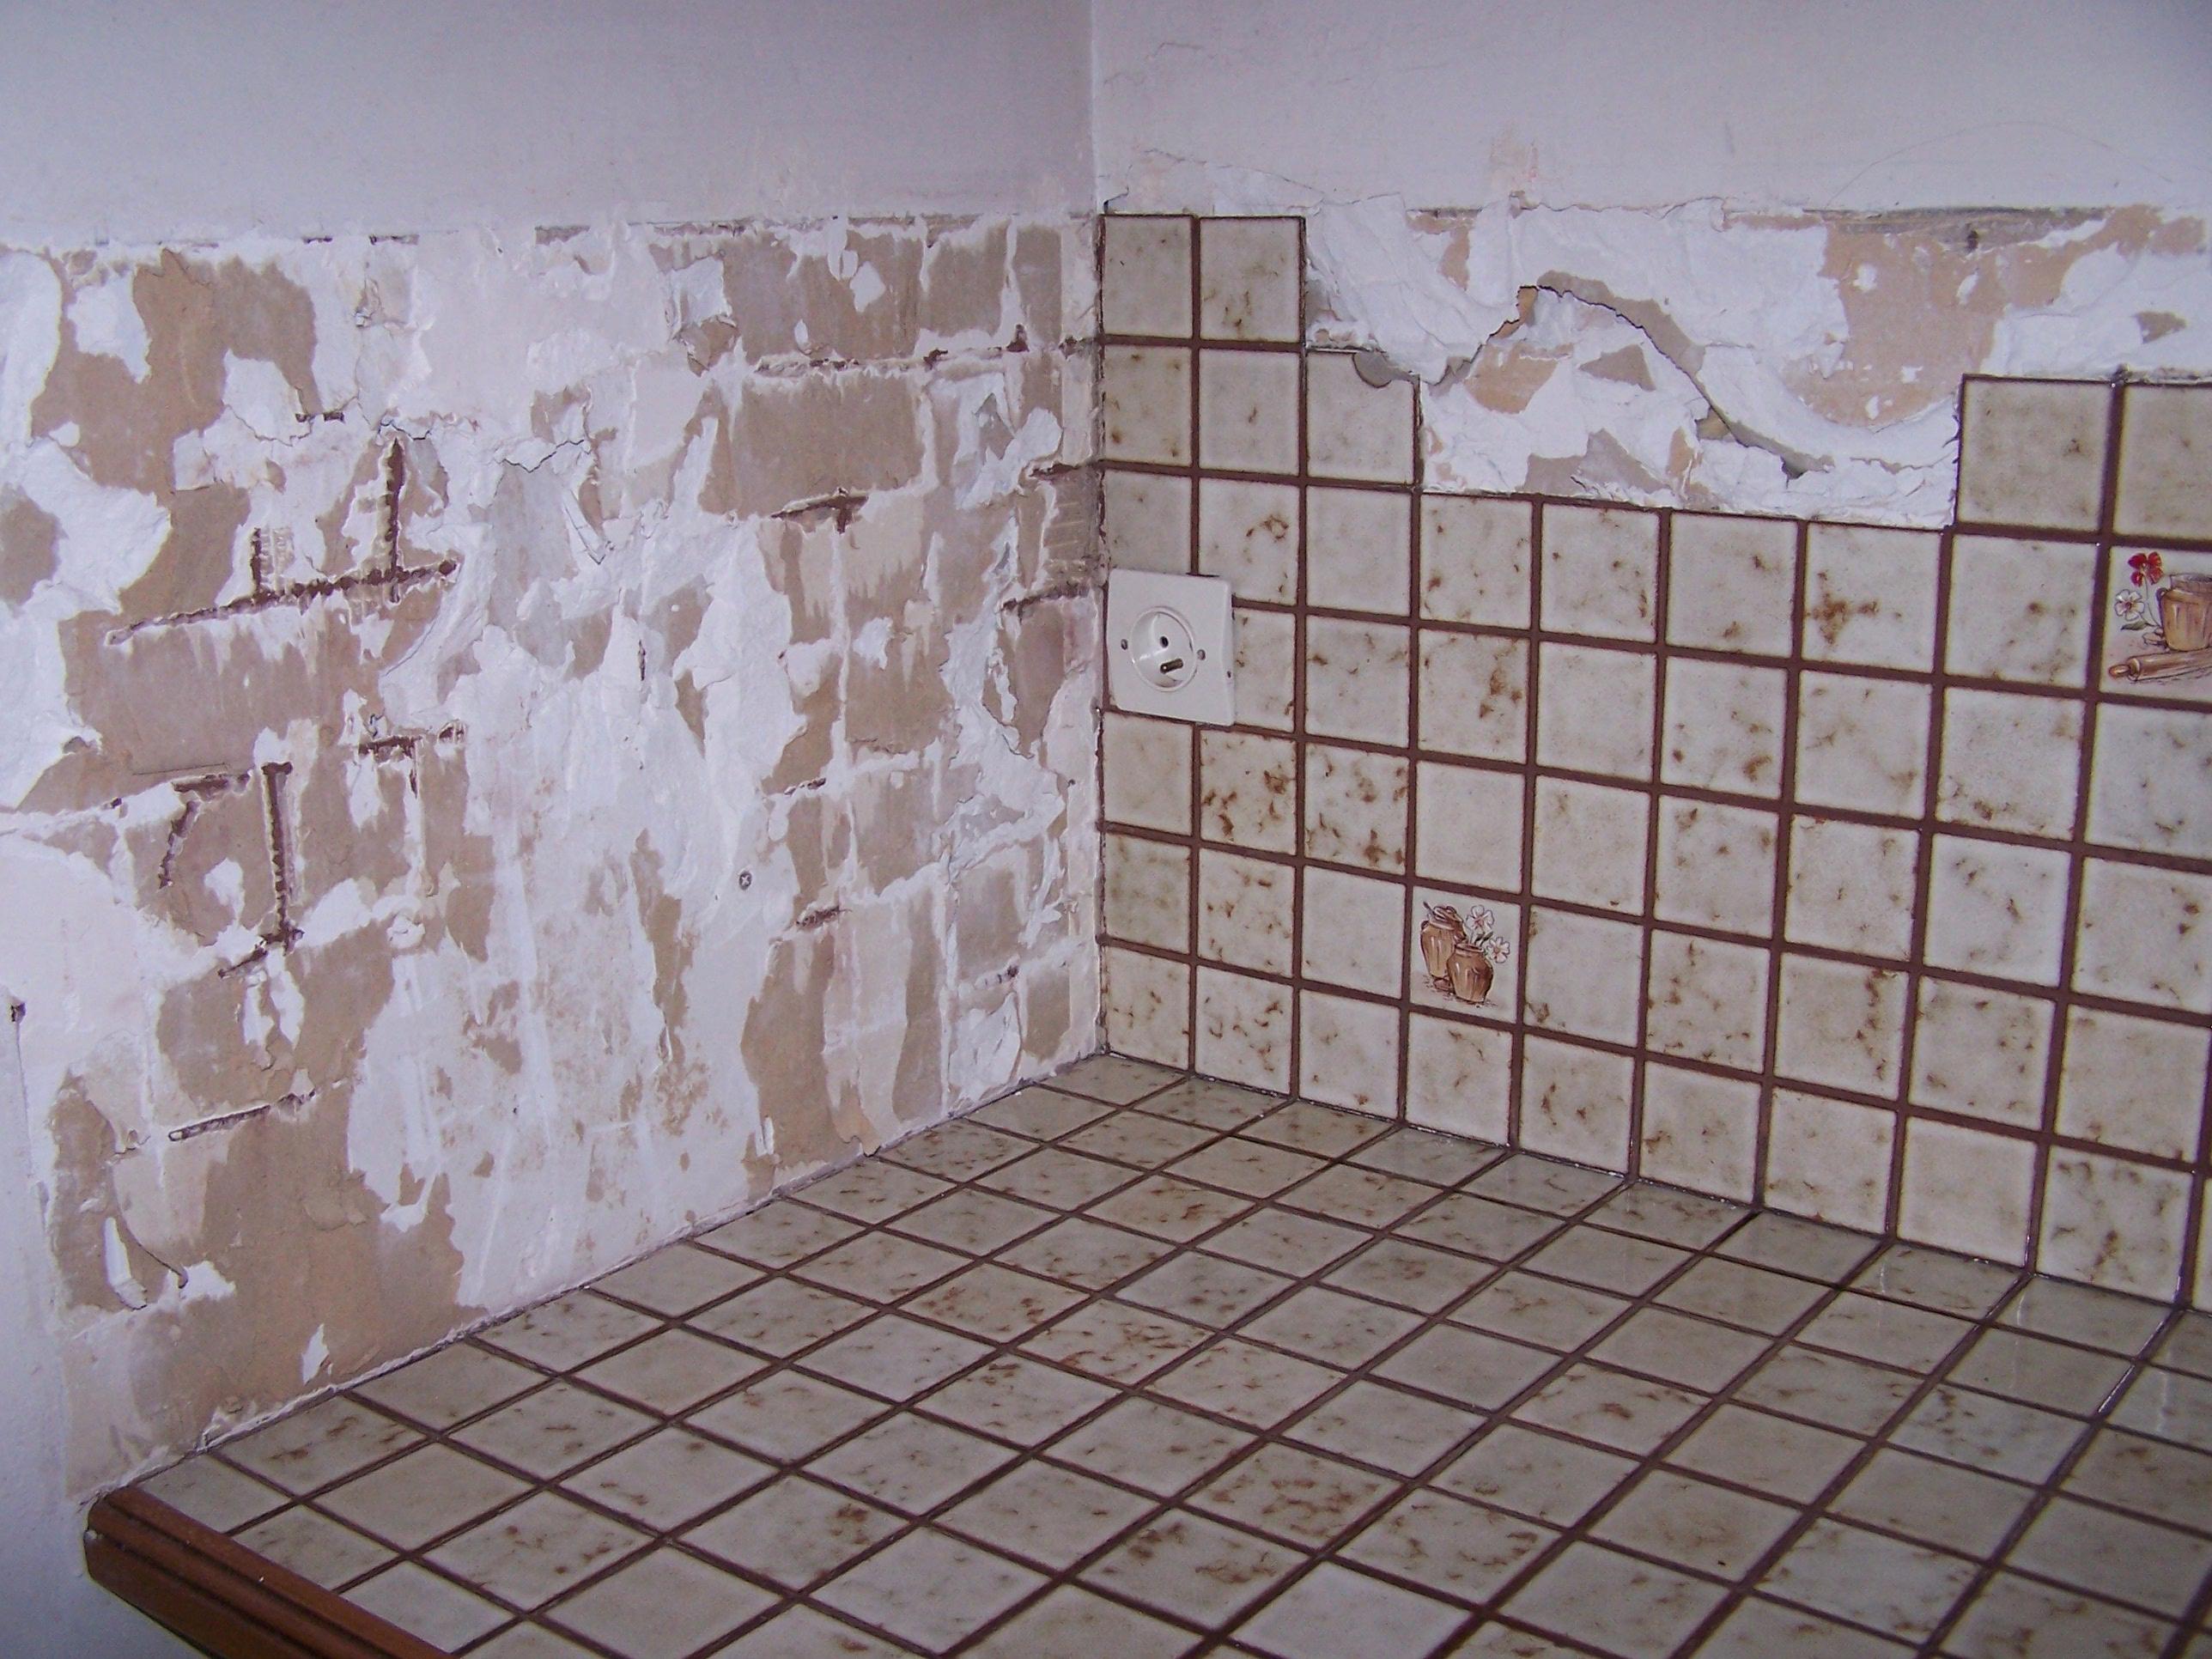 Listel Carrelage Brico Depot Inspirant Photographie Faience Salle De Bain Brico Depot Beau Ides Dimages De Listel